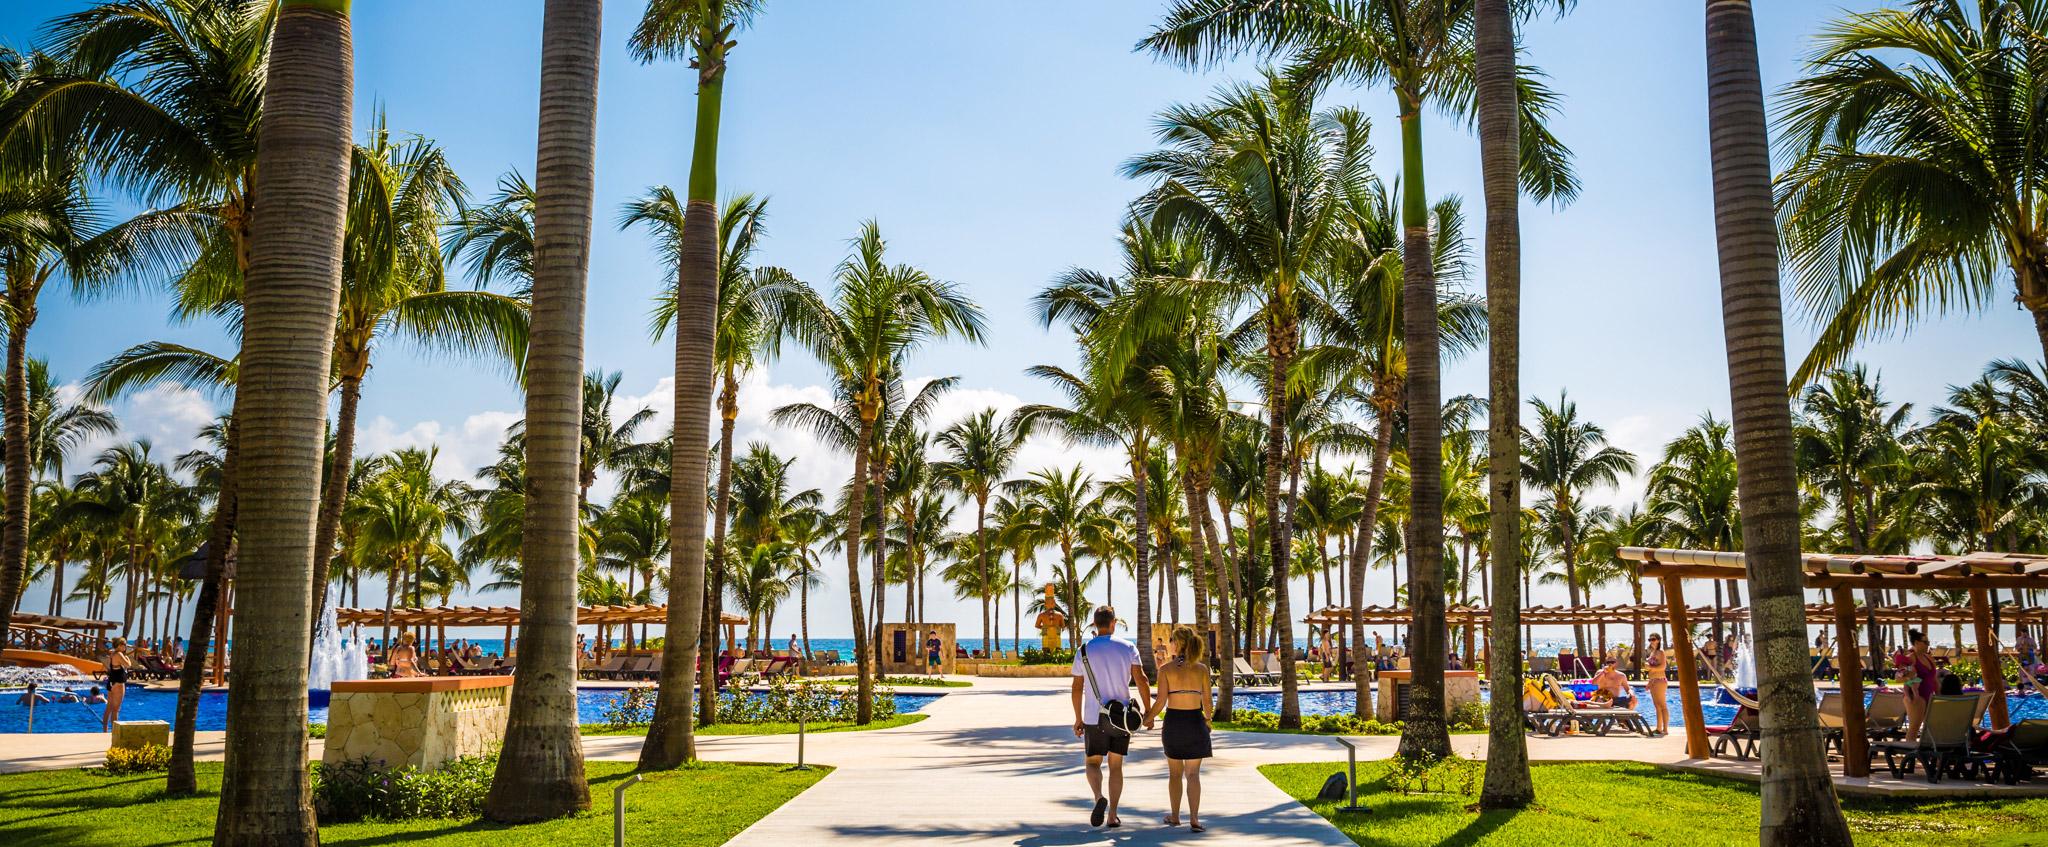 Couple walking towards pool at Barcelo Maya